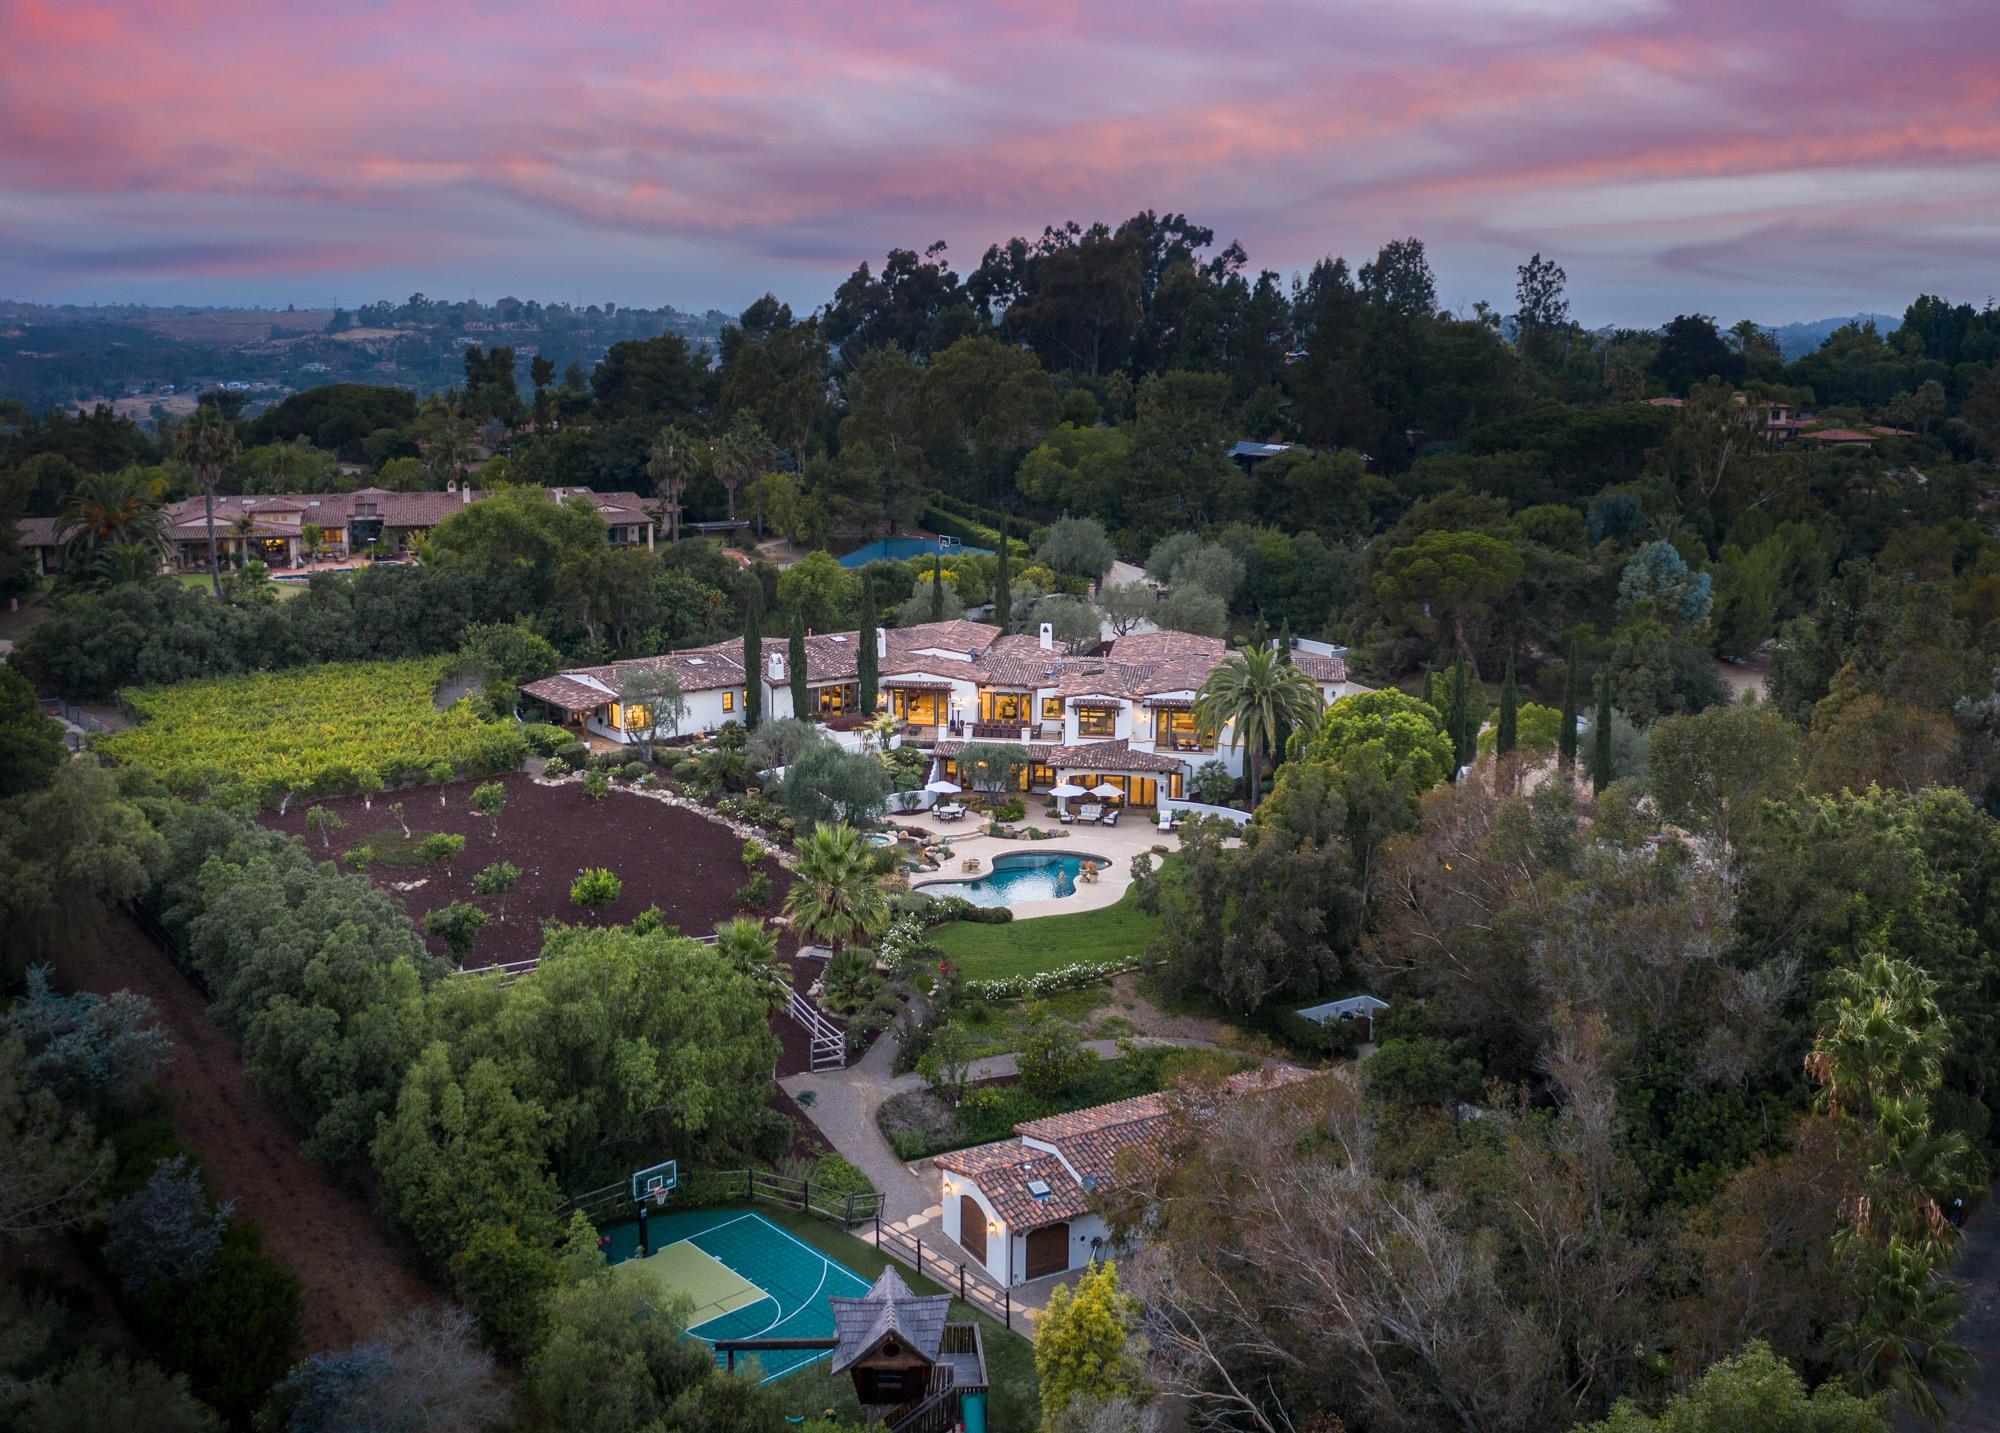 17431 Los Morros -  Rancho Santa Fe, CA 92067